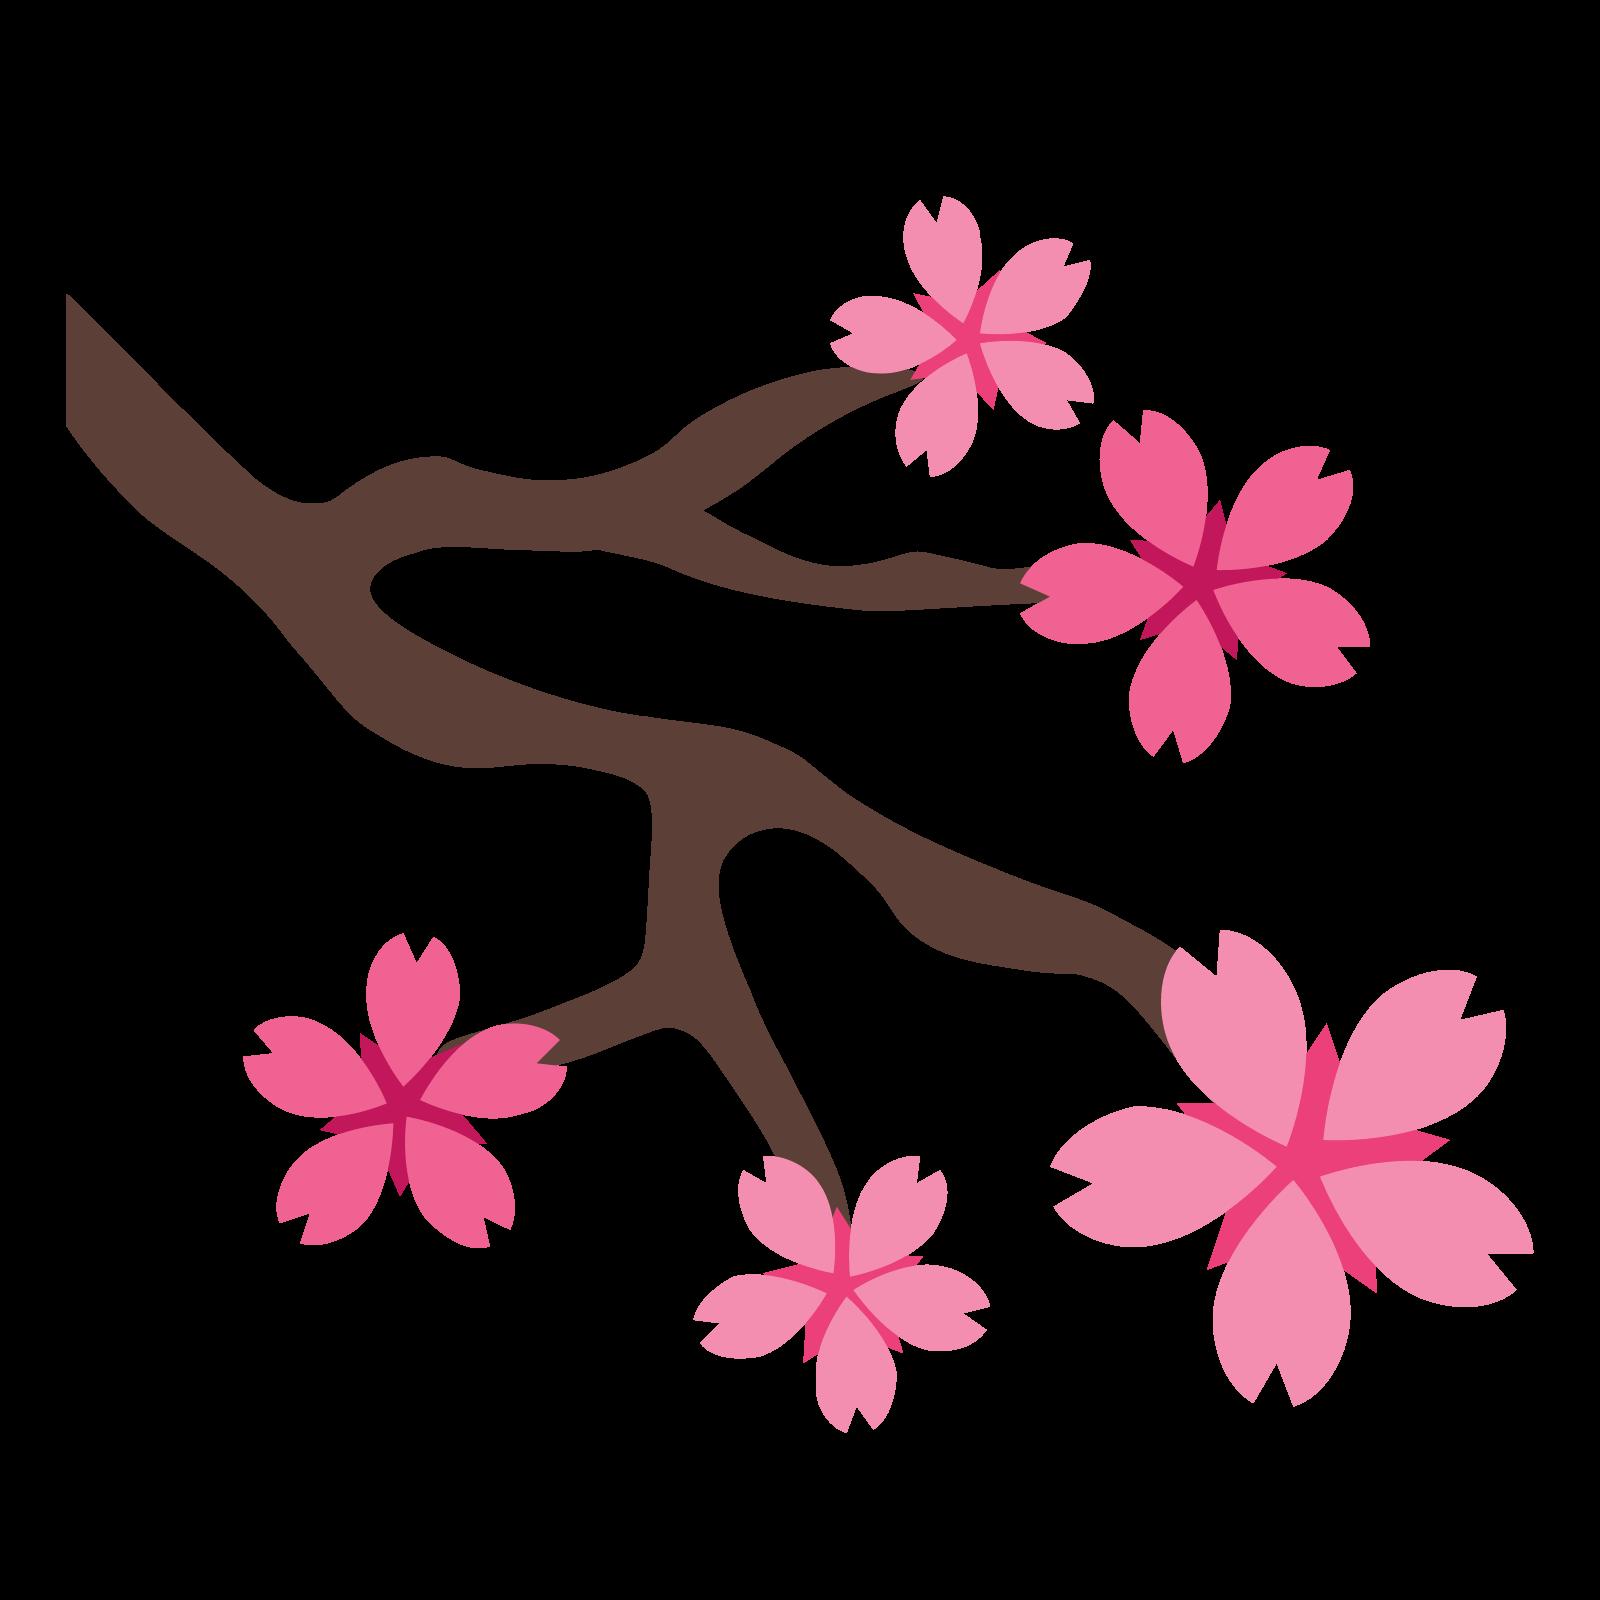 . Sakura flower png